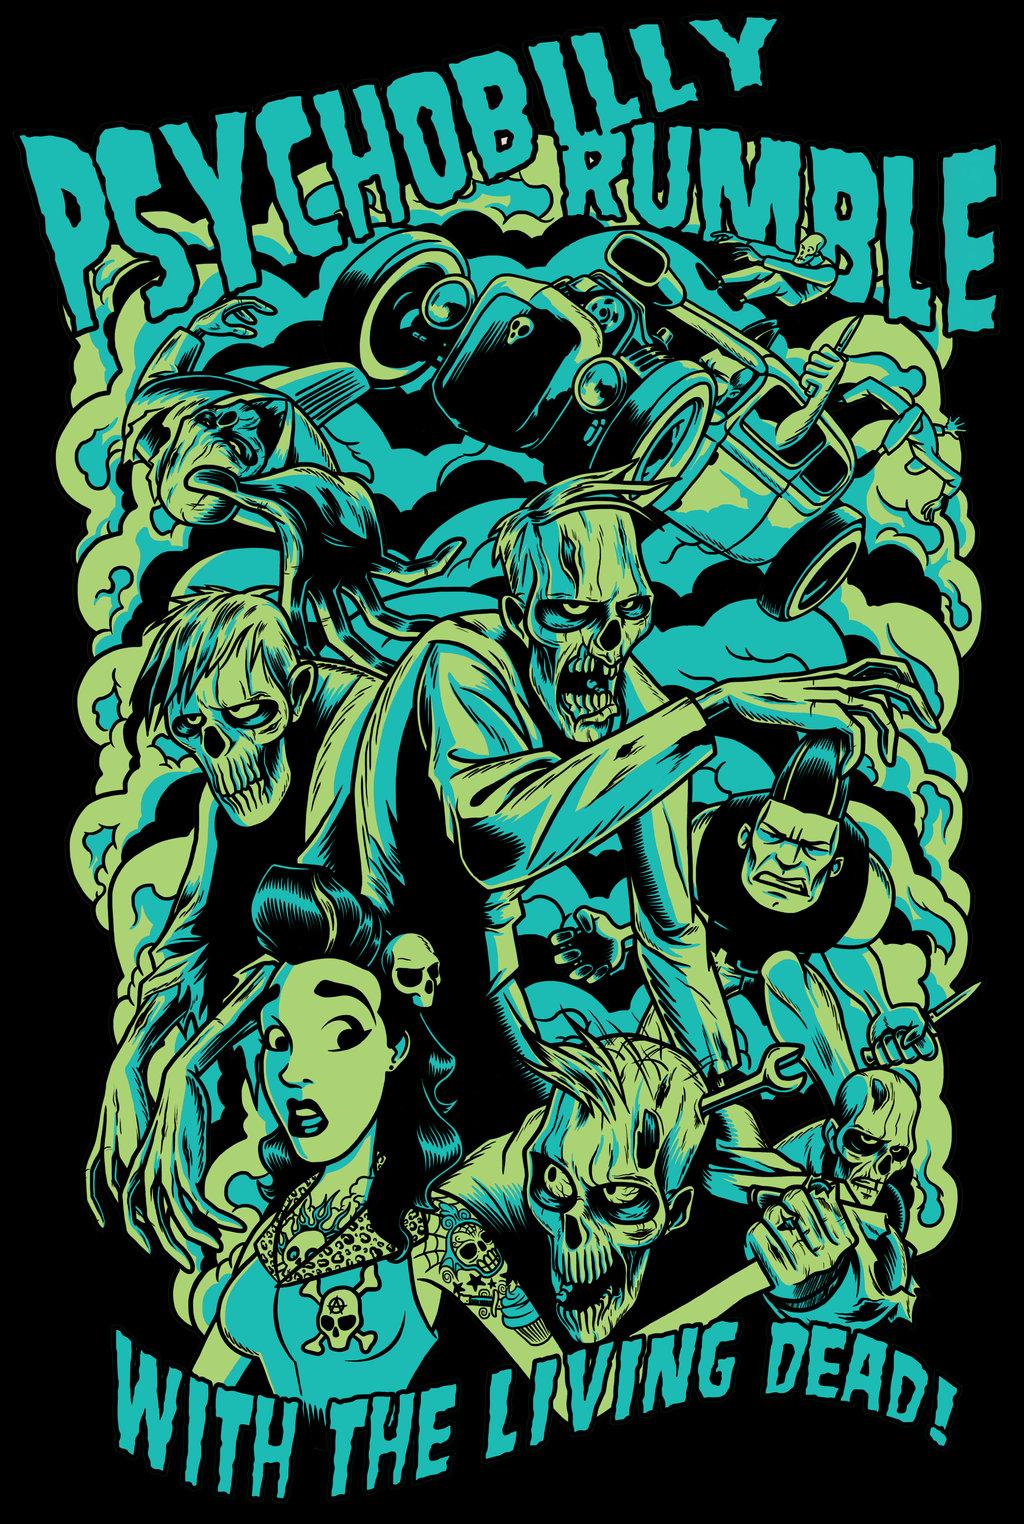 Best 54 Psychobilly Backgrounds on HipWallpaper Psychobilly 1024x1524